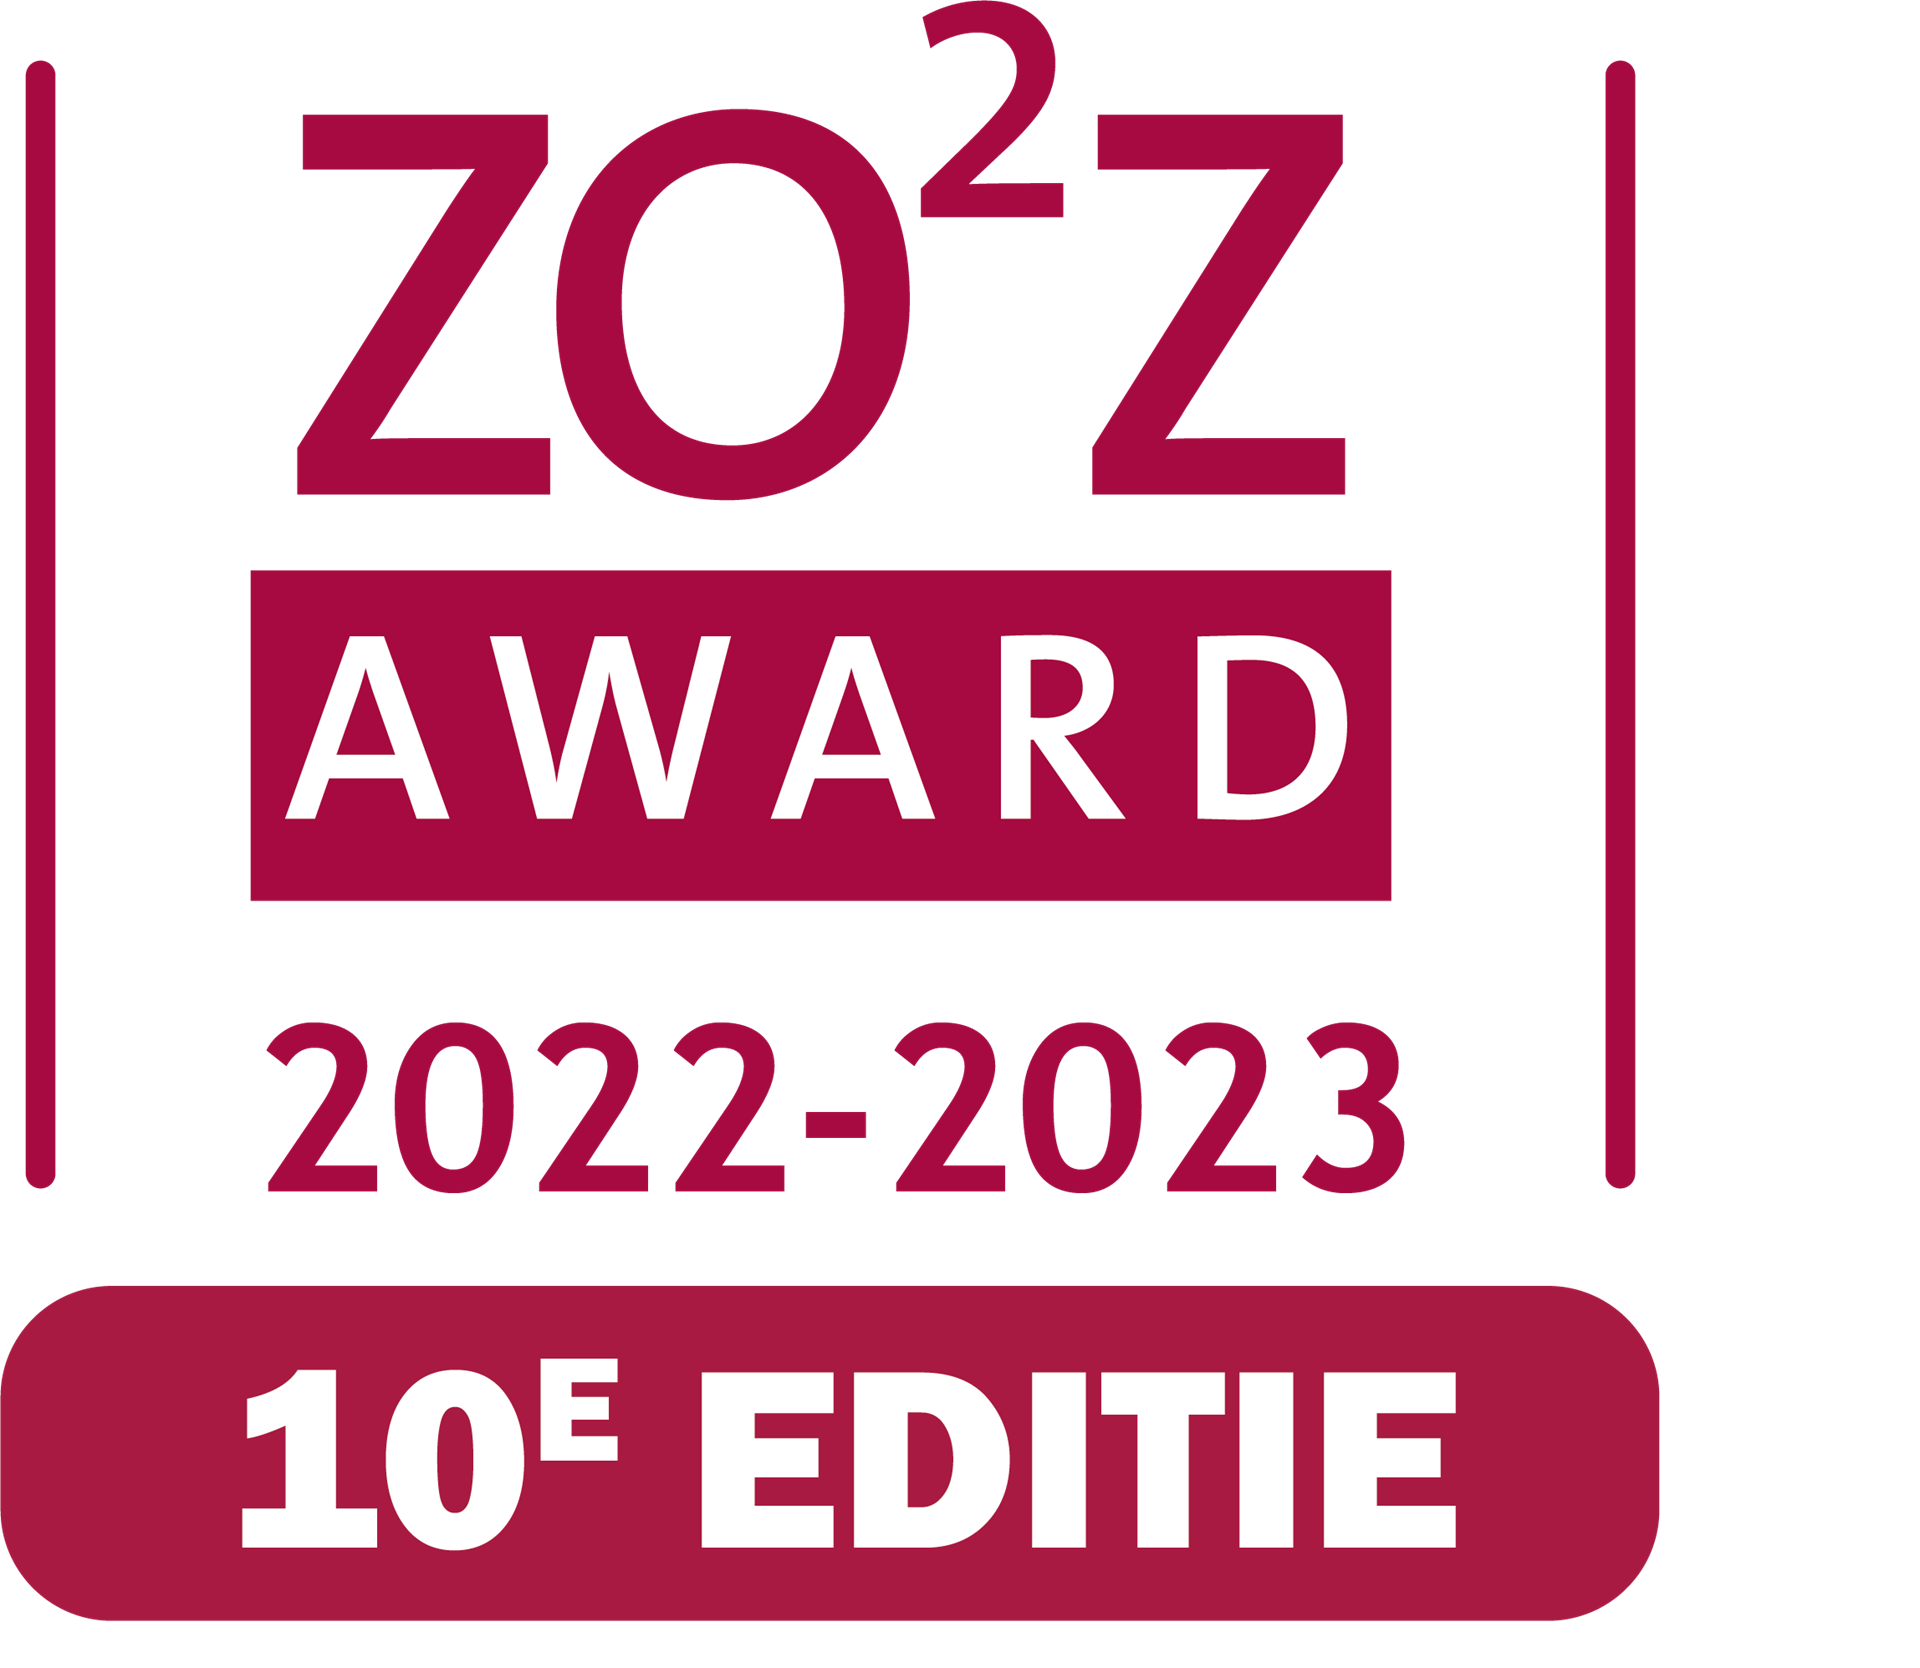 ZO2Z Award 2022-2023 [tiende editie].png